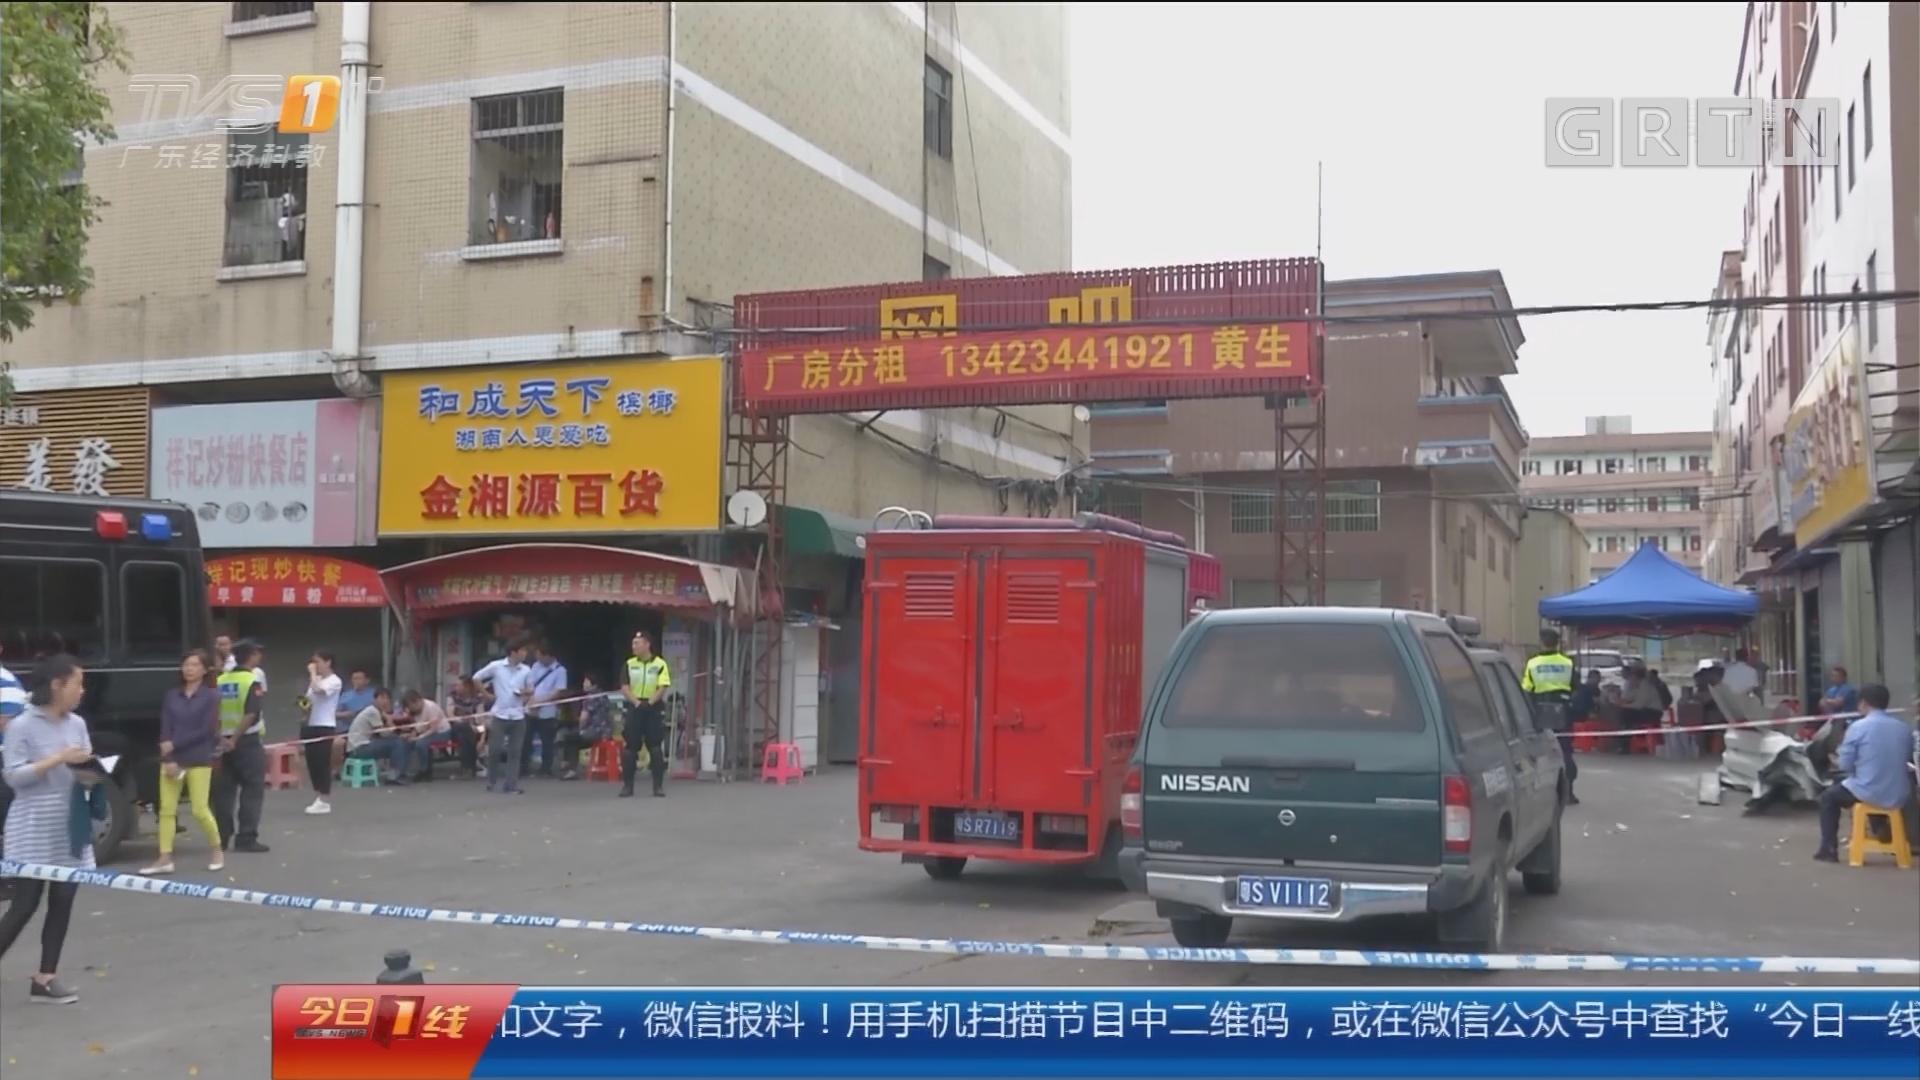 """东莞高埗镇""""4.12""""坍塌事故官方通报:4名被困人员被搜出后 已无生命体征"""